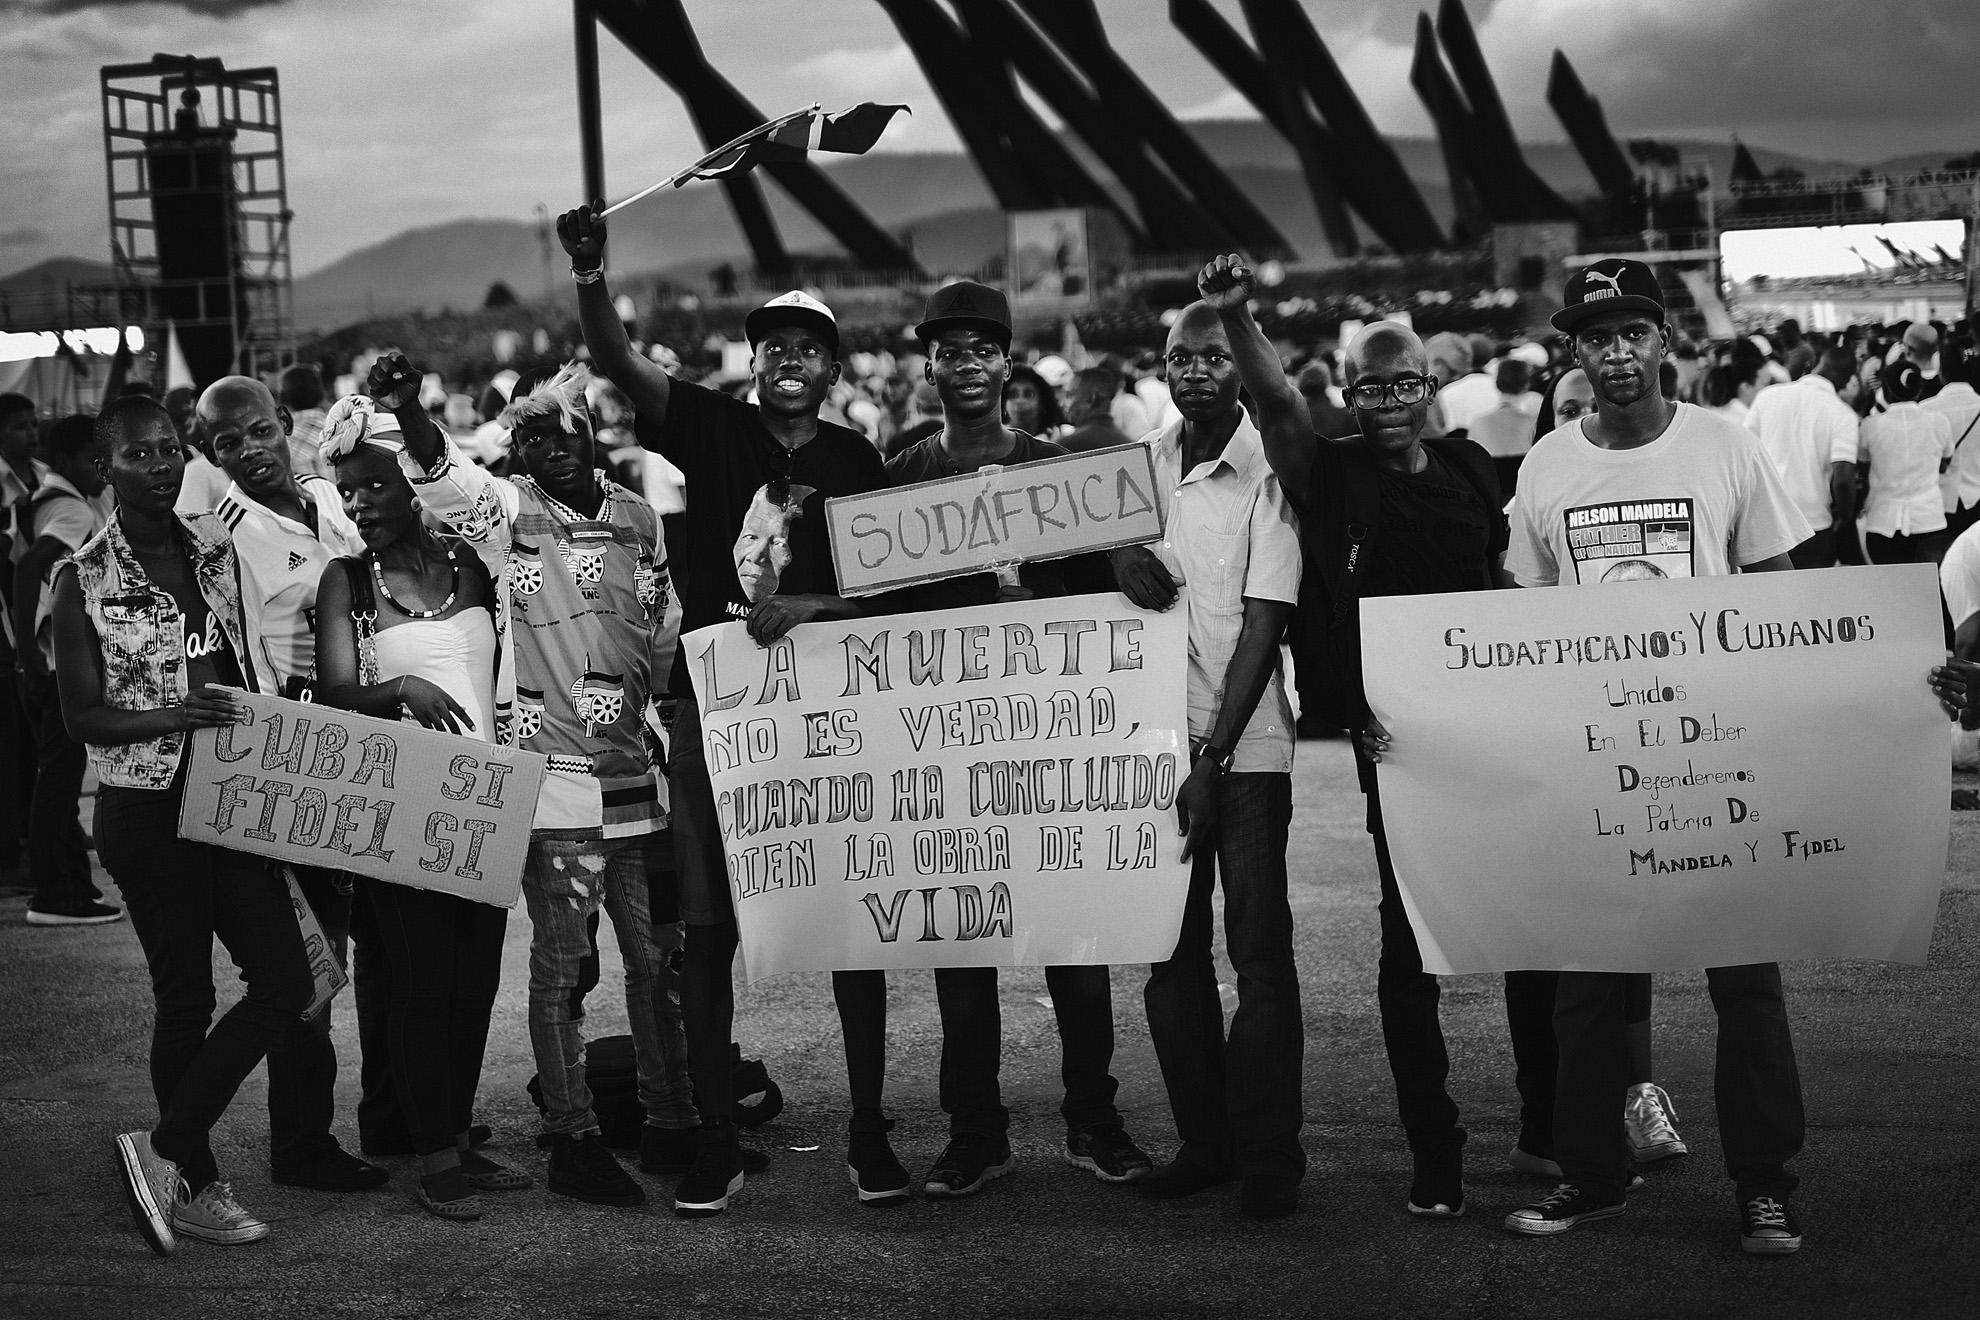 Des cubains attendent le debut de la ceremonie officielle place de la revolution a Santiago de Cuba donnee a l occasion de la disparition de Fidel Castro survenue le 25 novembre 2016 3 decembre 2016